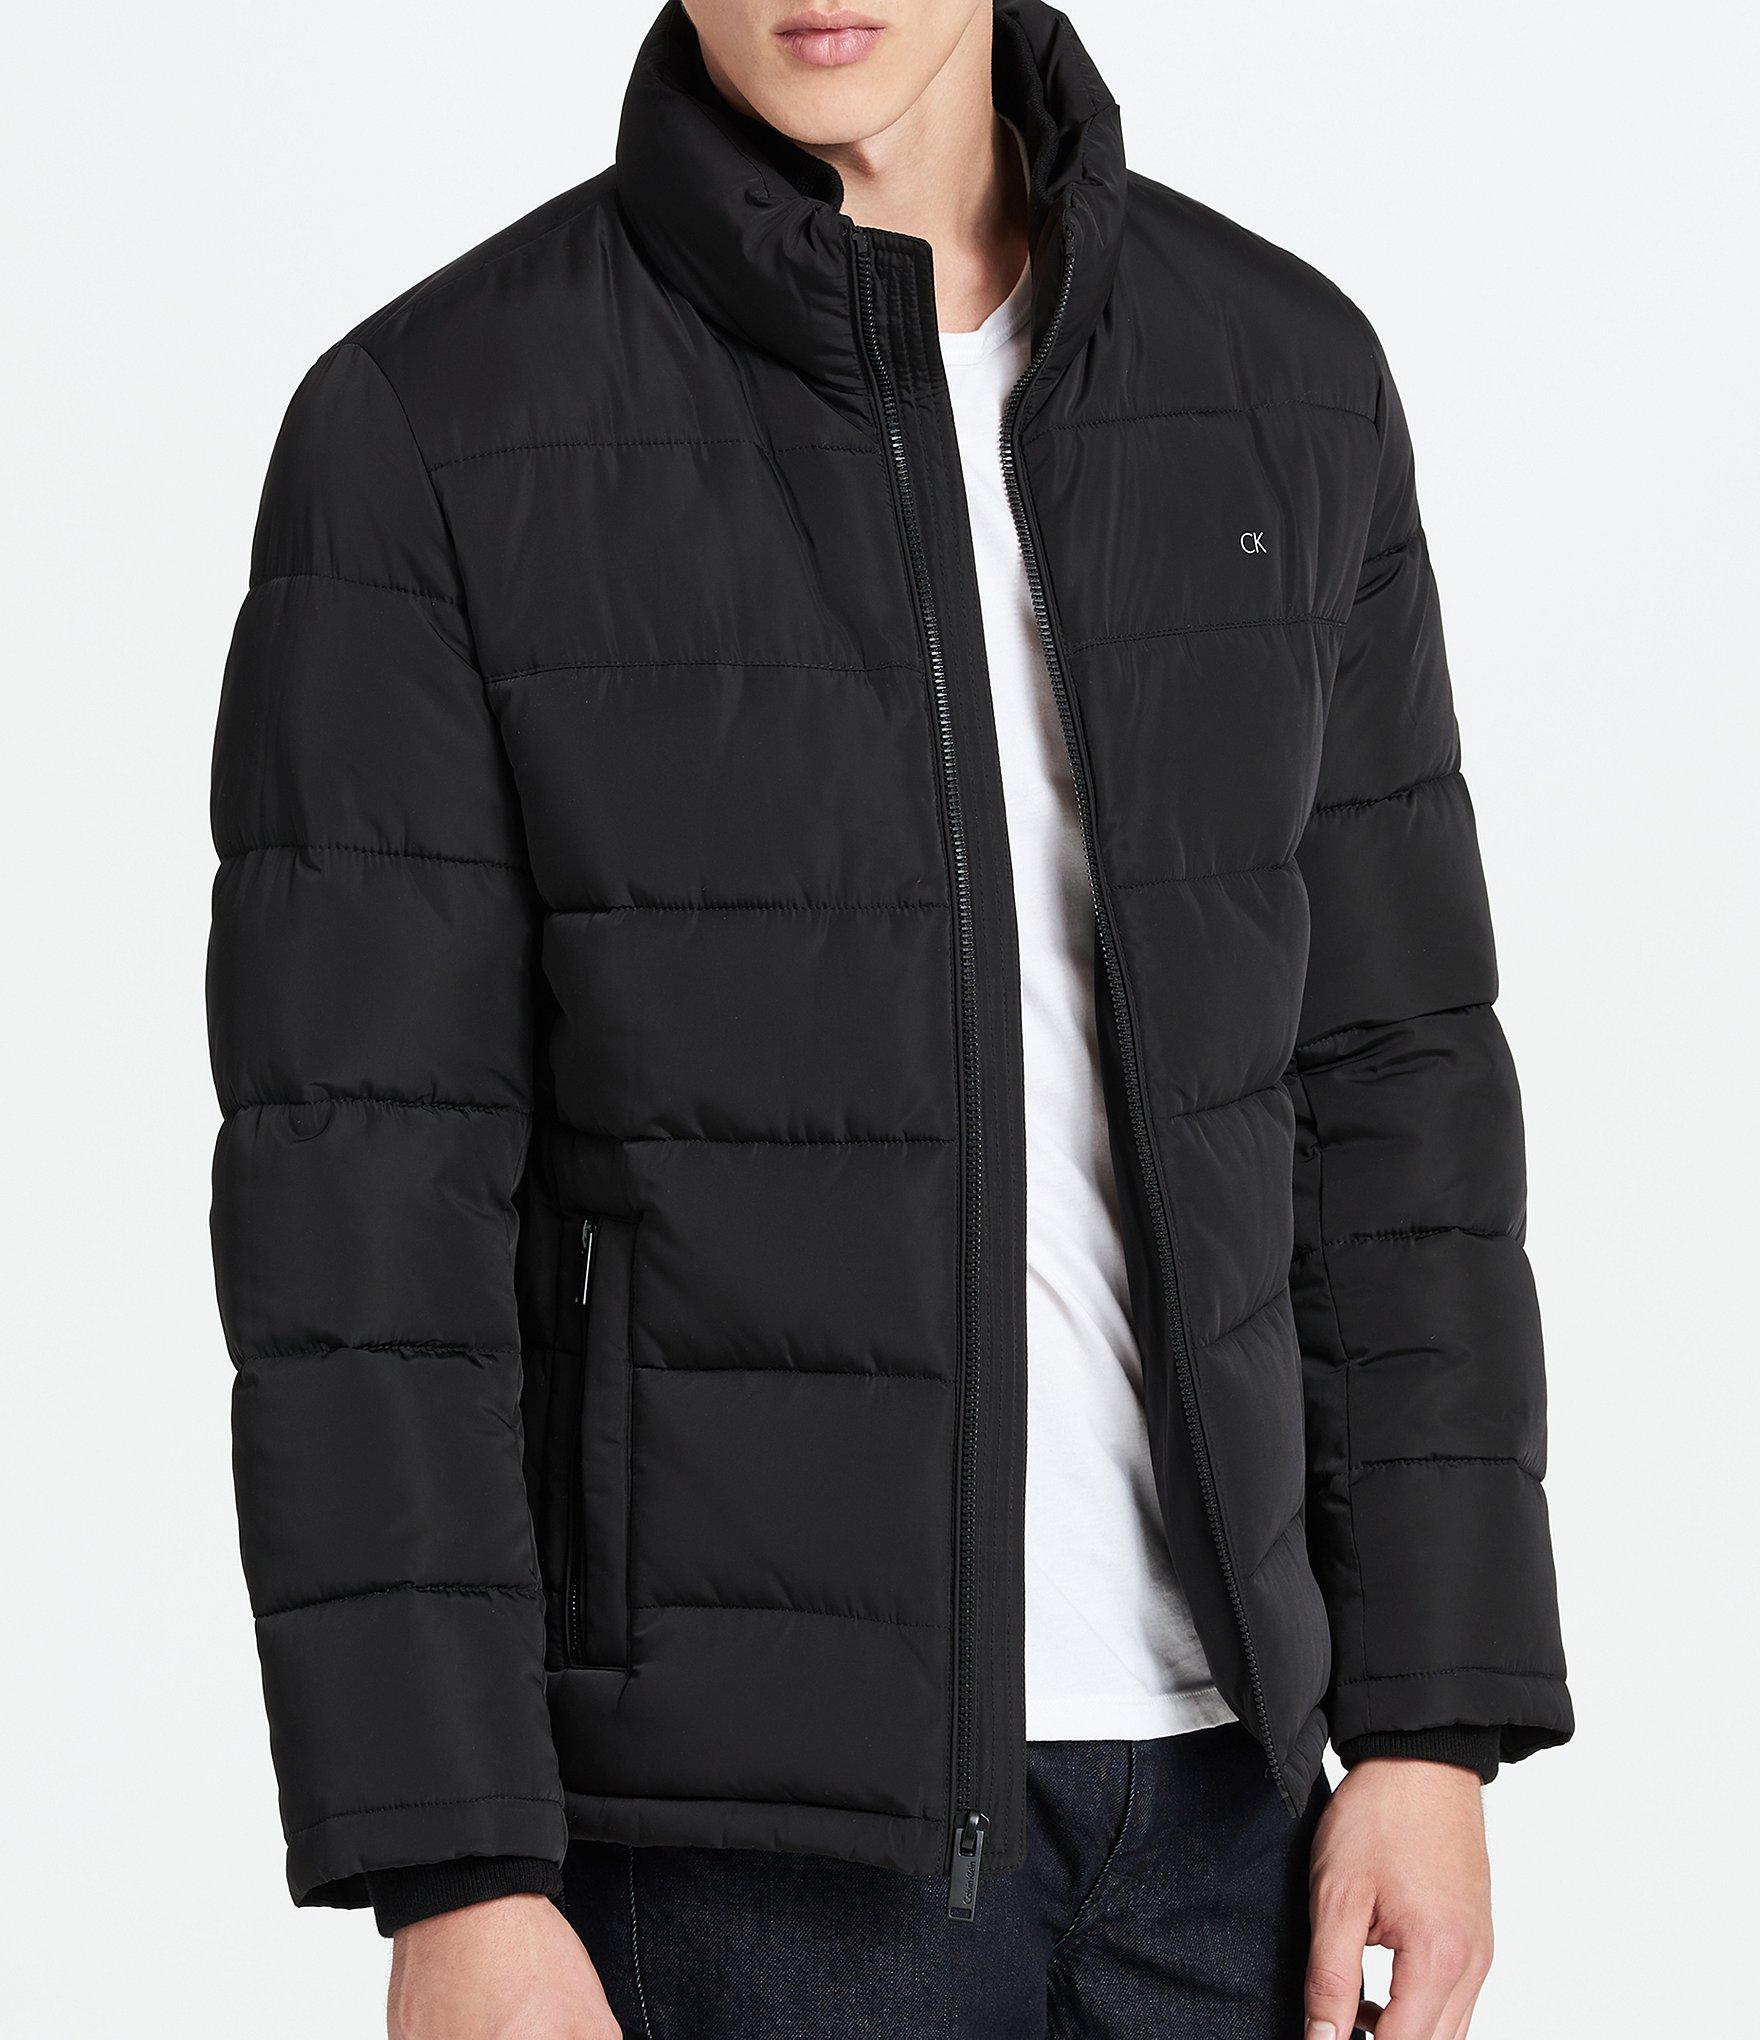 moncler puffer vests virginia for sale. Black Bedroom Furniture Sets. Home Design Ideas